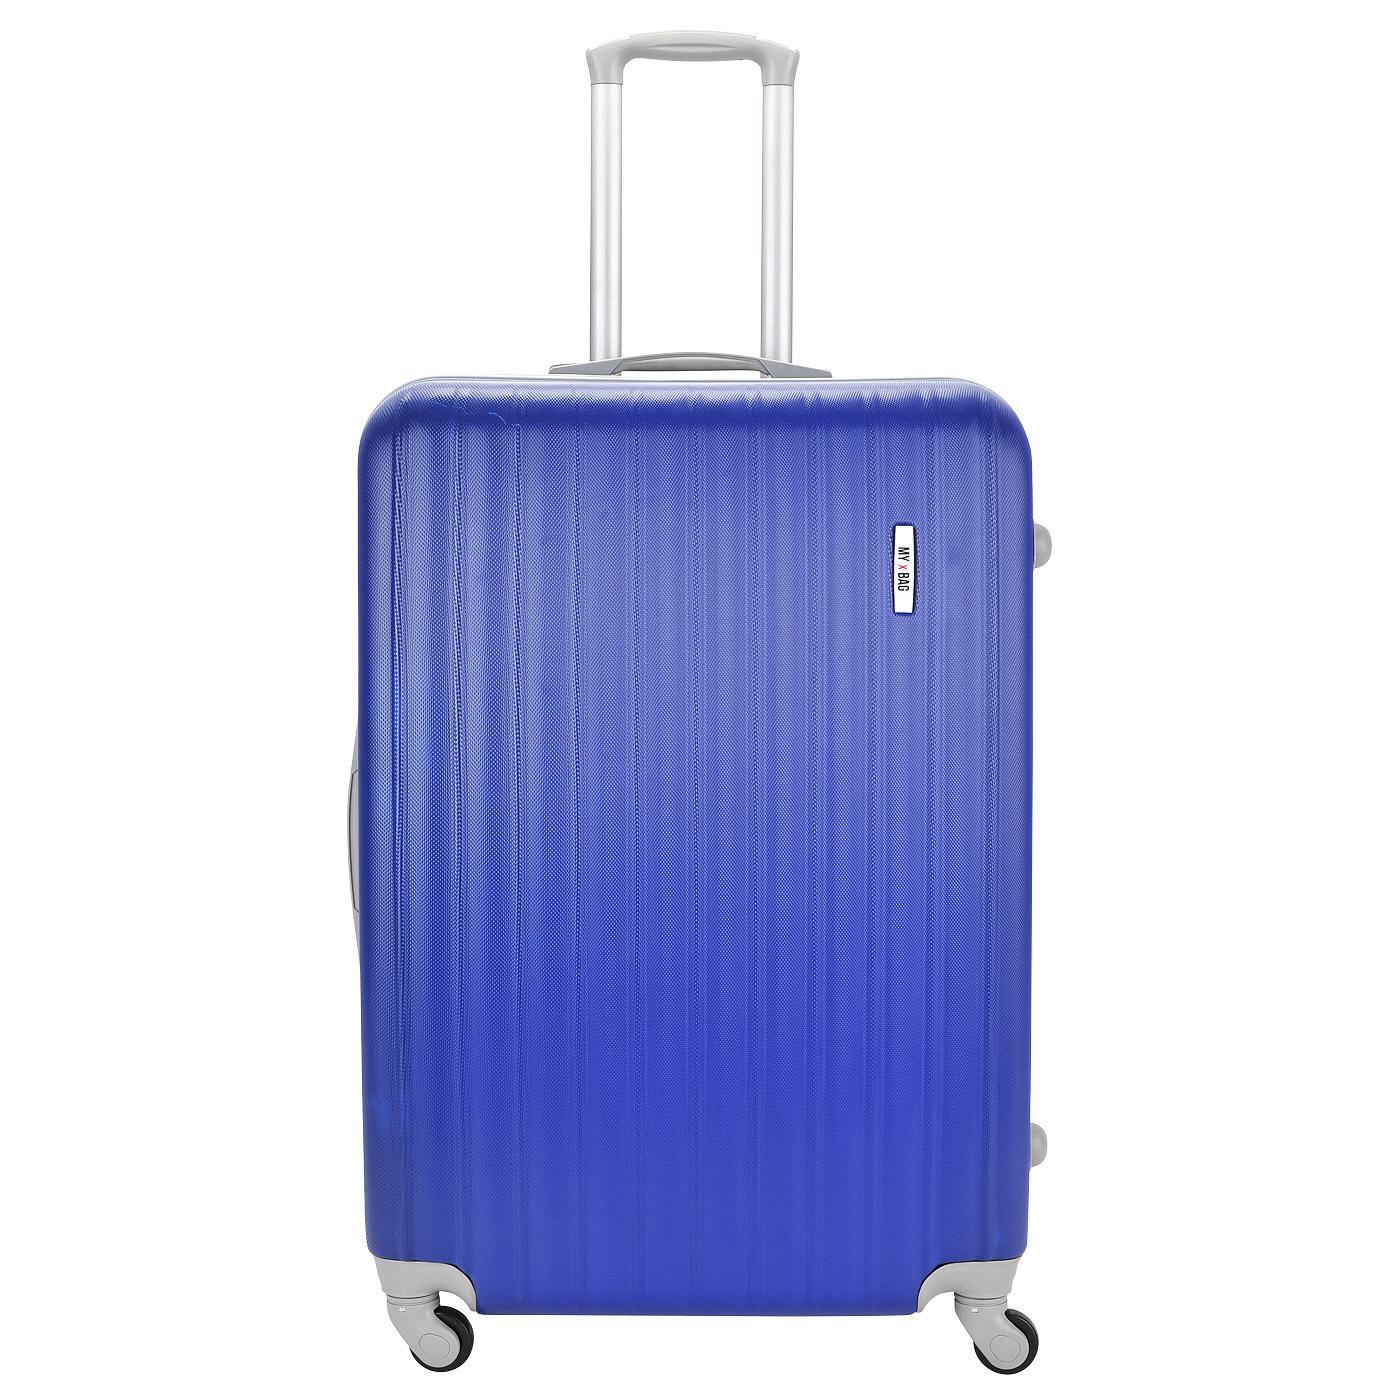 Чемодан на колесах MyxBag MXB-light blue-L-i - 2000557764682 синий ... 4ec4cfa5dd5